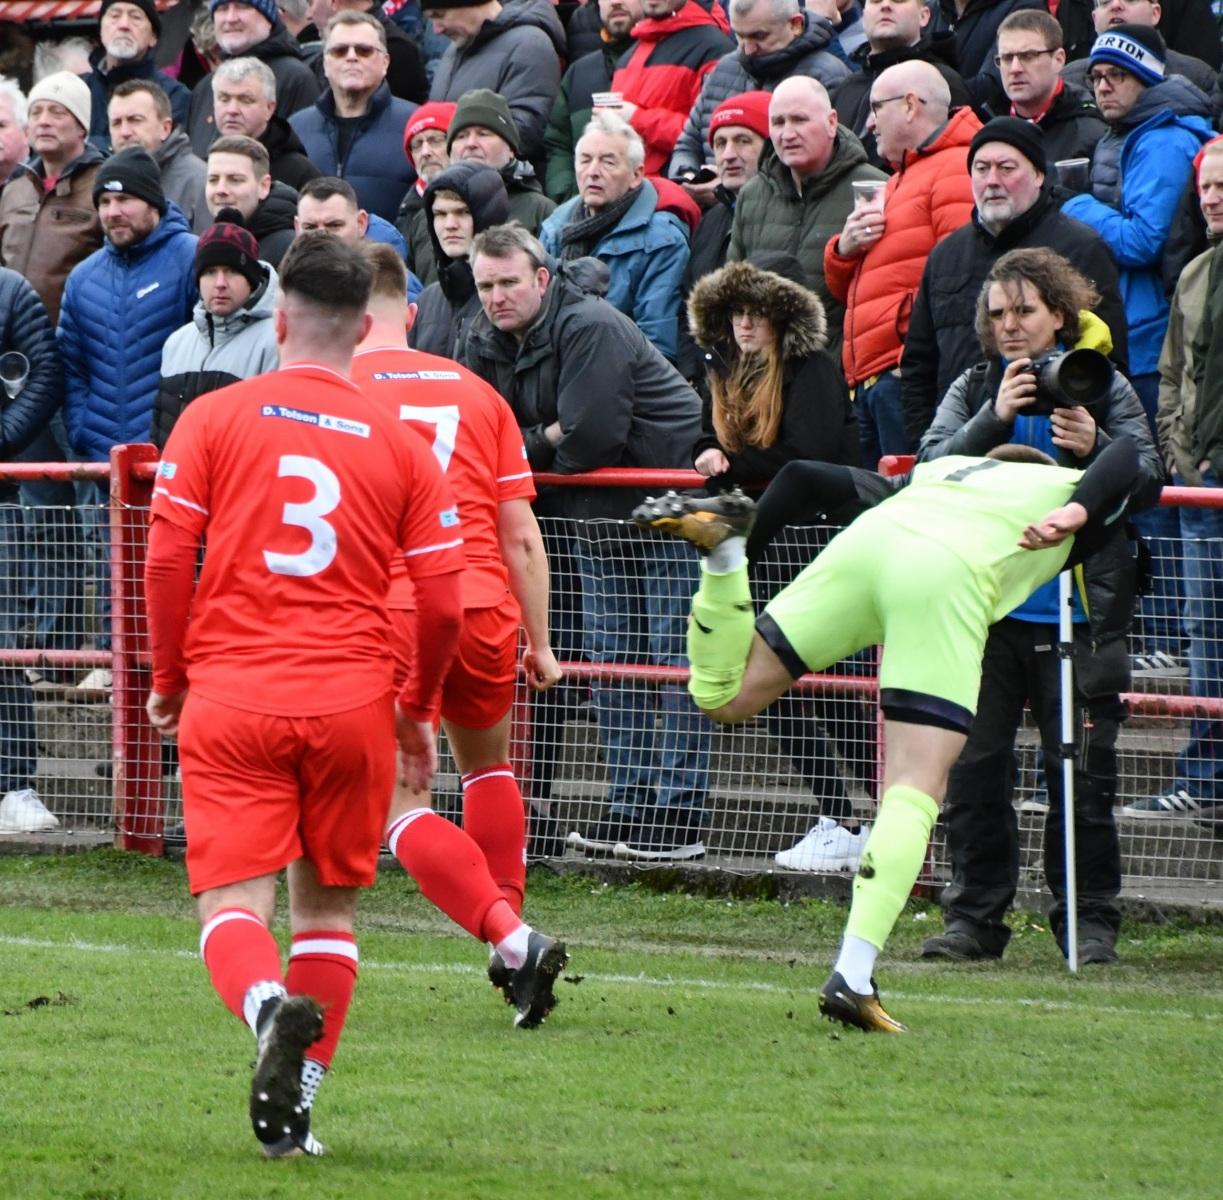 Workington-Reds-v-Ossett-Utd-Ben-Challis-14-scaled